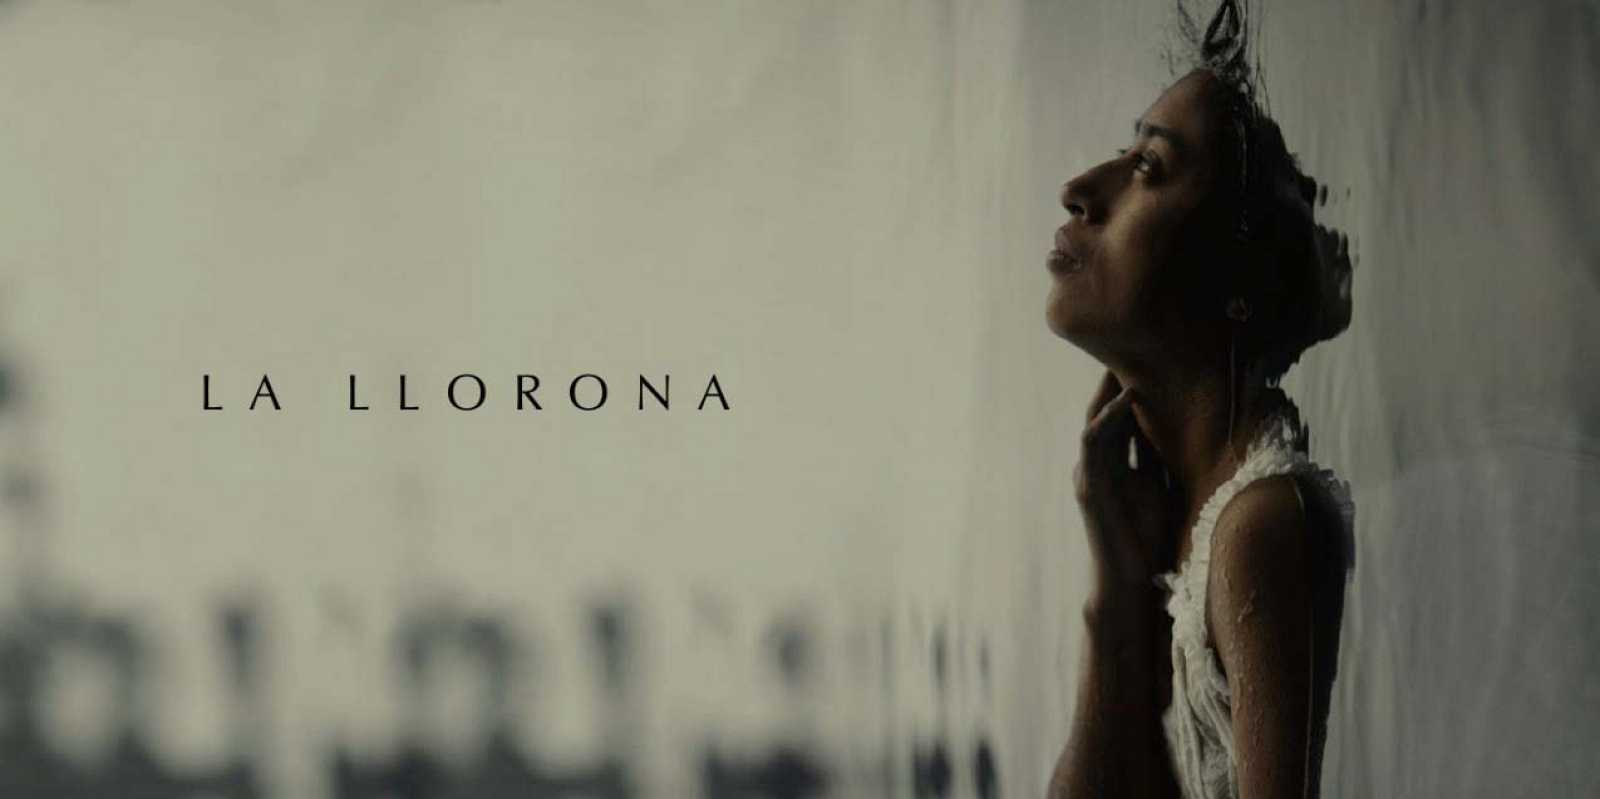 De cine - 'La llorona', de Jayro Bustamante - 18/11/20 - Escuchar ahora